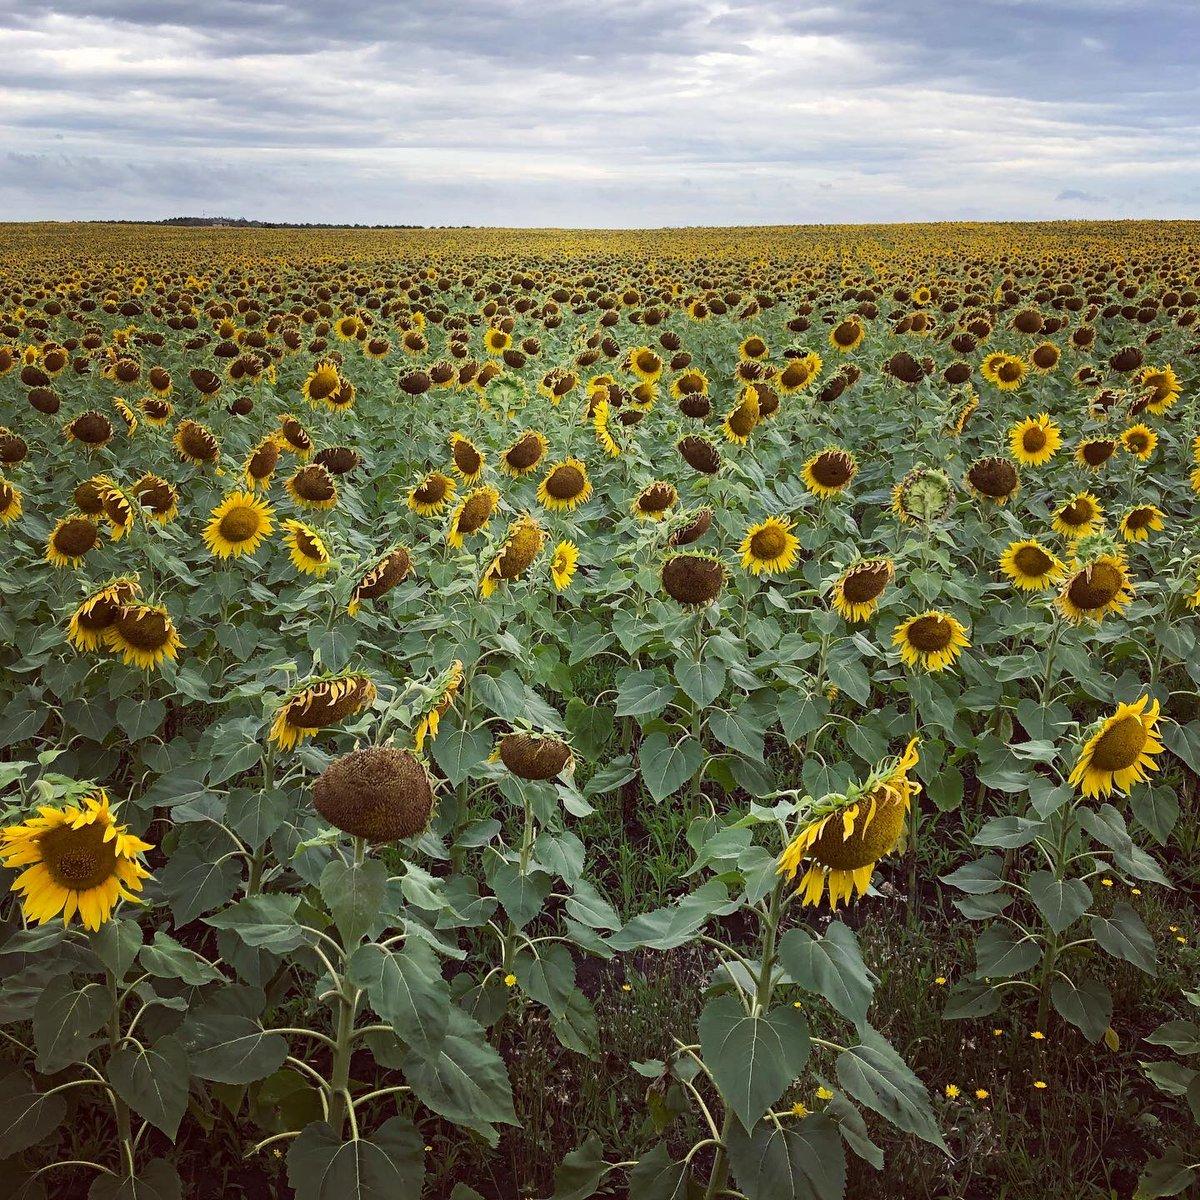 #Girasoles 🌻 VS #pajaros 🐦   #plantas #plantaciones #campodegirasoles #aves #birds #bird #birdphotography #girasol #amarillo #yellow